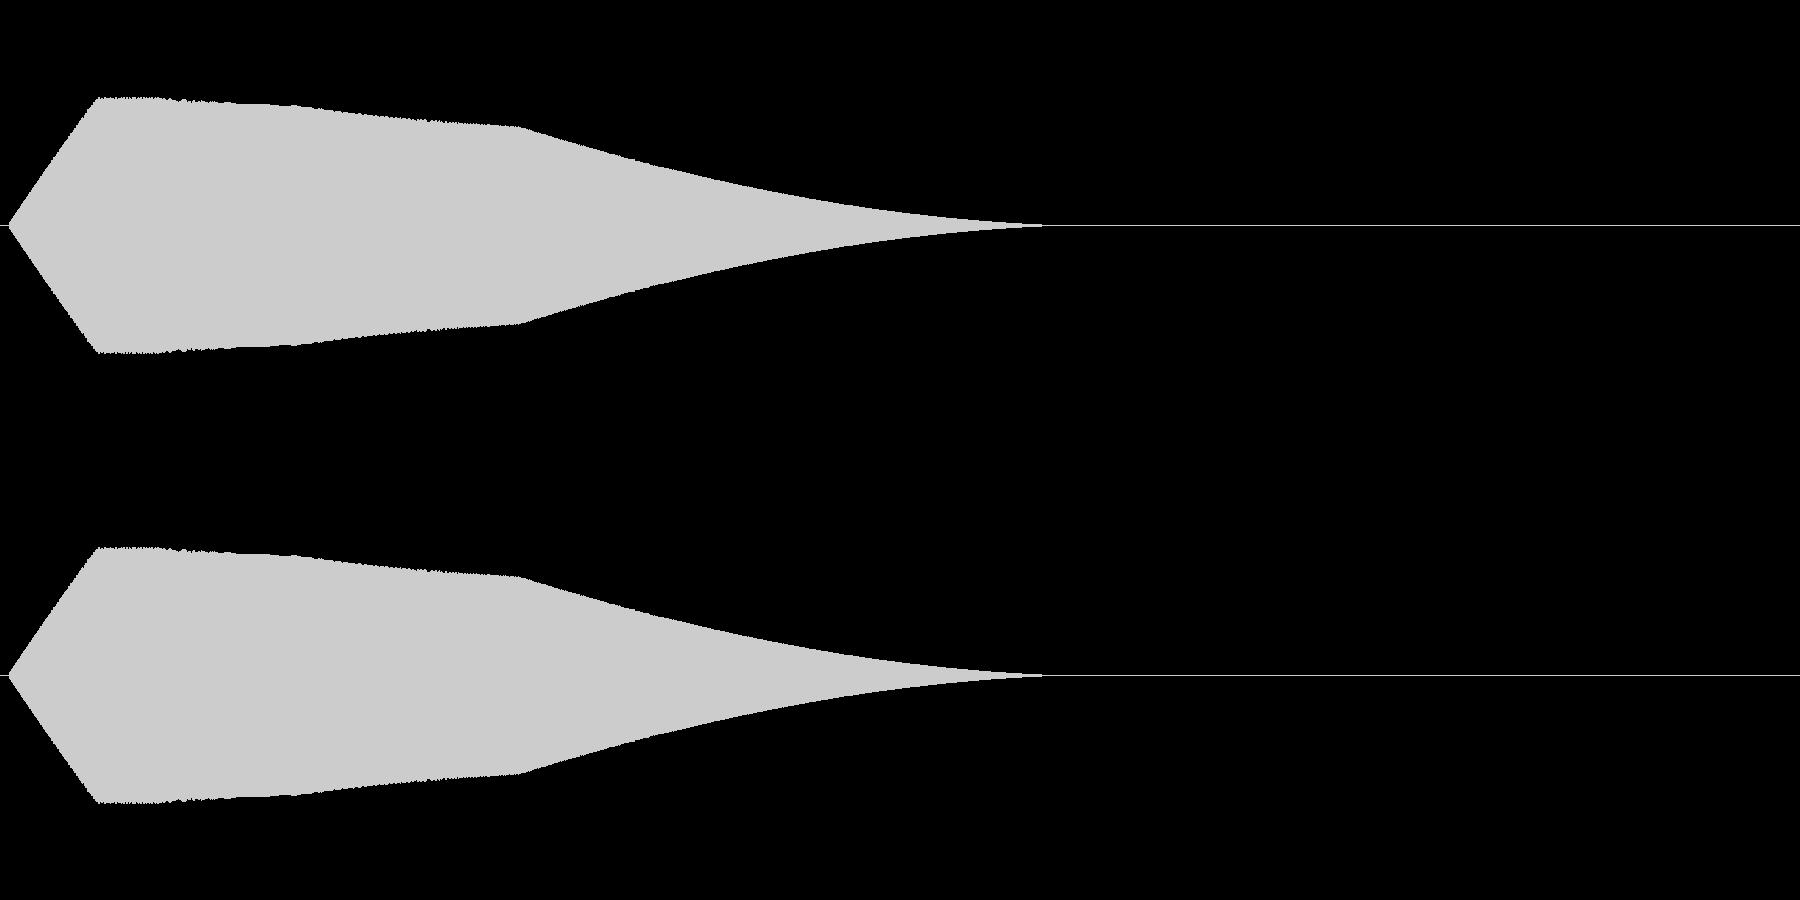 シンプルでチープな落下音の未再生の波形